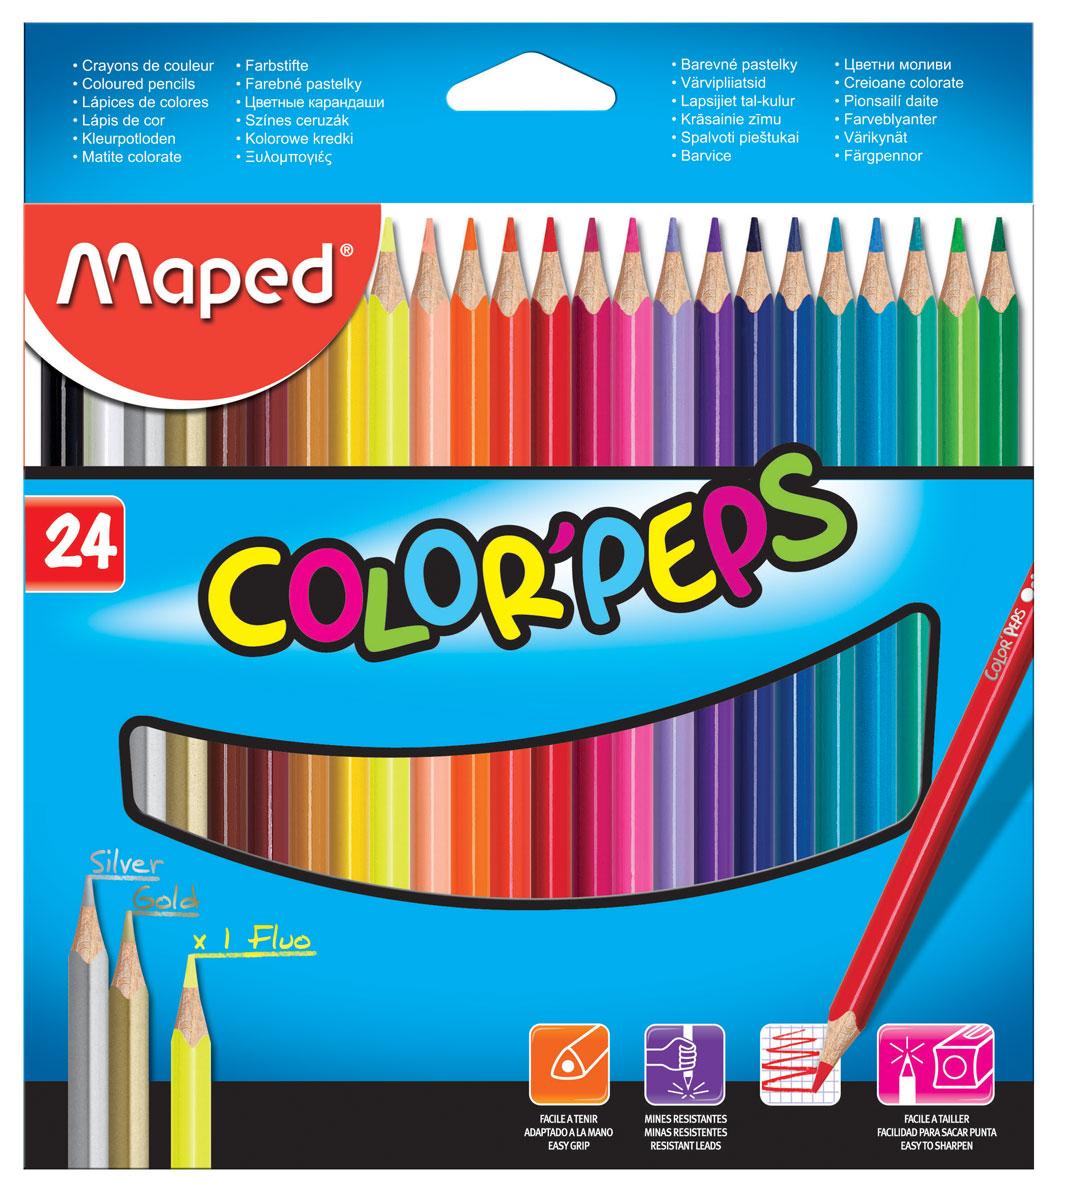 Maped Набор цветных карандашей Colorpeps 24 цвета183224Набор цветных карандашей Maped Colorpeps поможет создать чудные картины вашему юному художнику.Карандаши изготовлены издревесины американской липы. Мягкий грифель карандаша легко рисует на бумаге и не царапает ее, устойчив к механическим деформациям илегко затачивается. Трехгранный корпус изготовлен из натуральной древесины и покрыт лаком на водной основе. В набор входят 24 цветных карандаша. С таким набором будет интересно рисовать не только вашему малышу, но и вам.